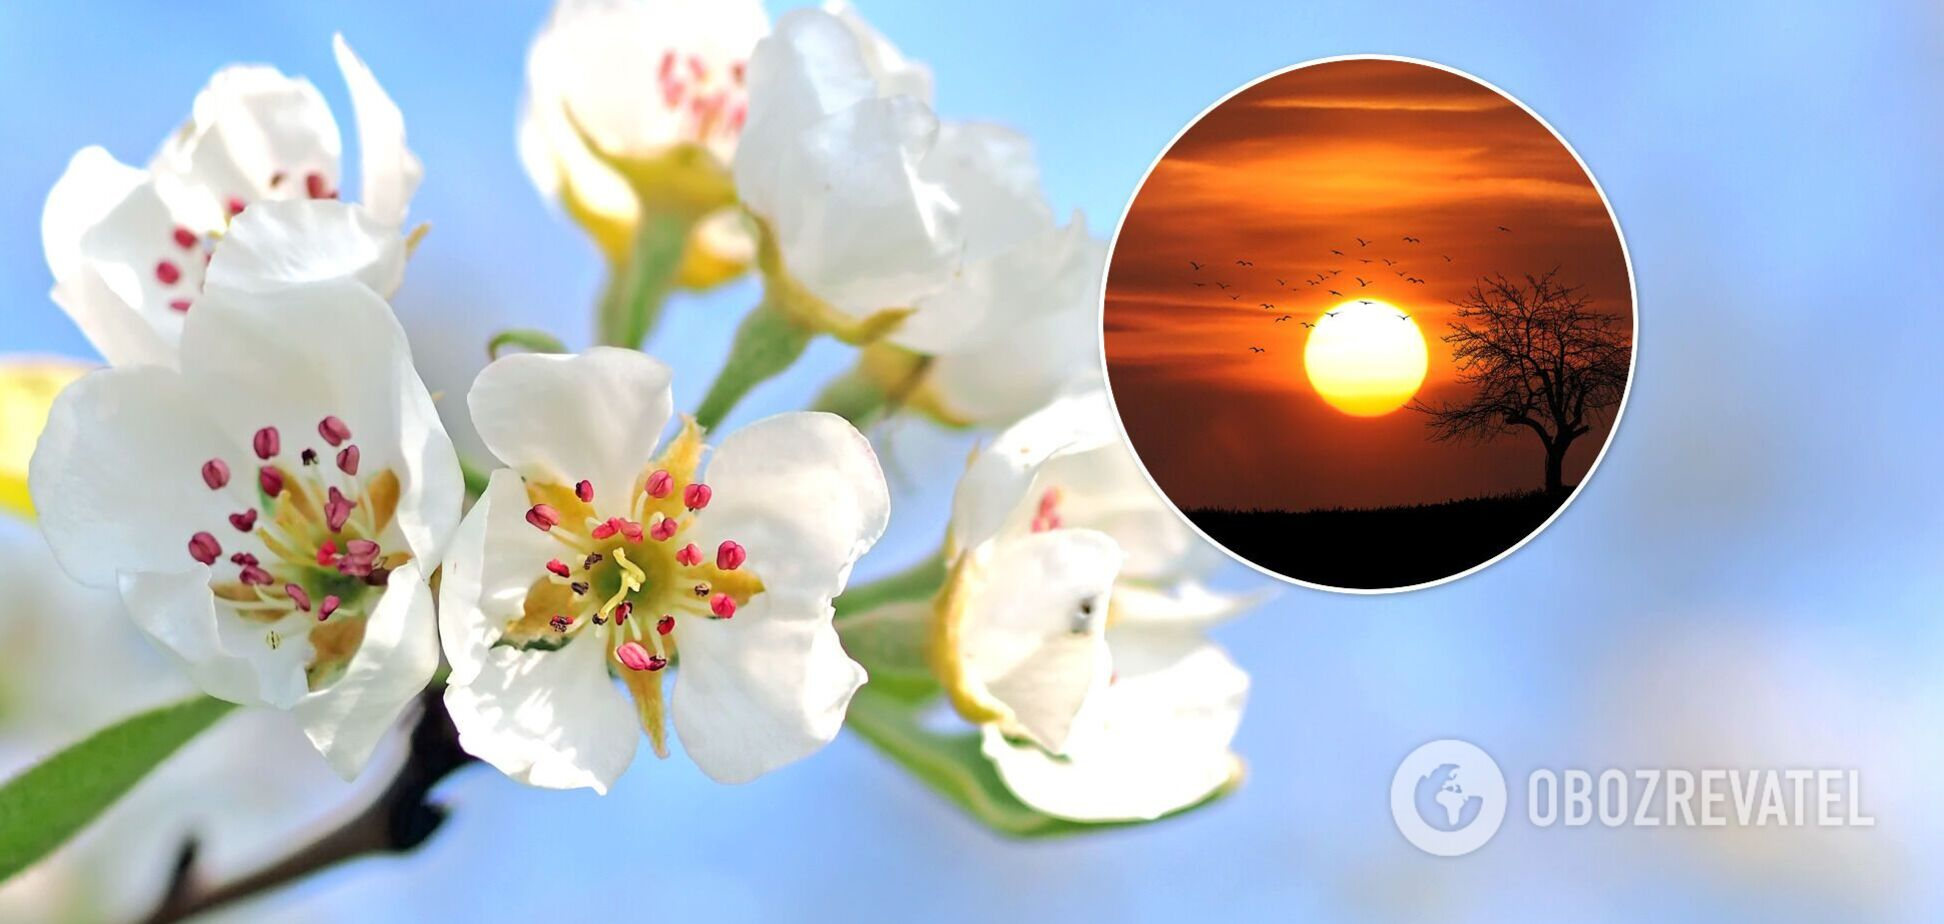 Весеннее равноденствие считается началом астрономической весны